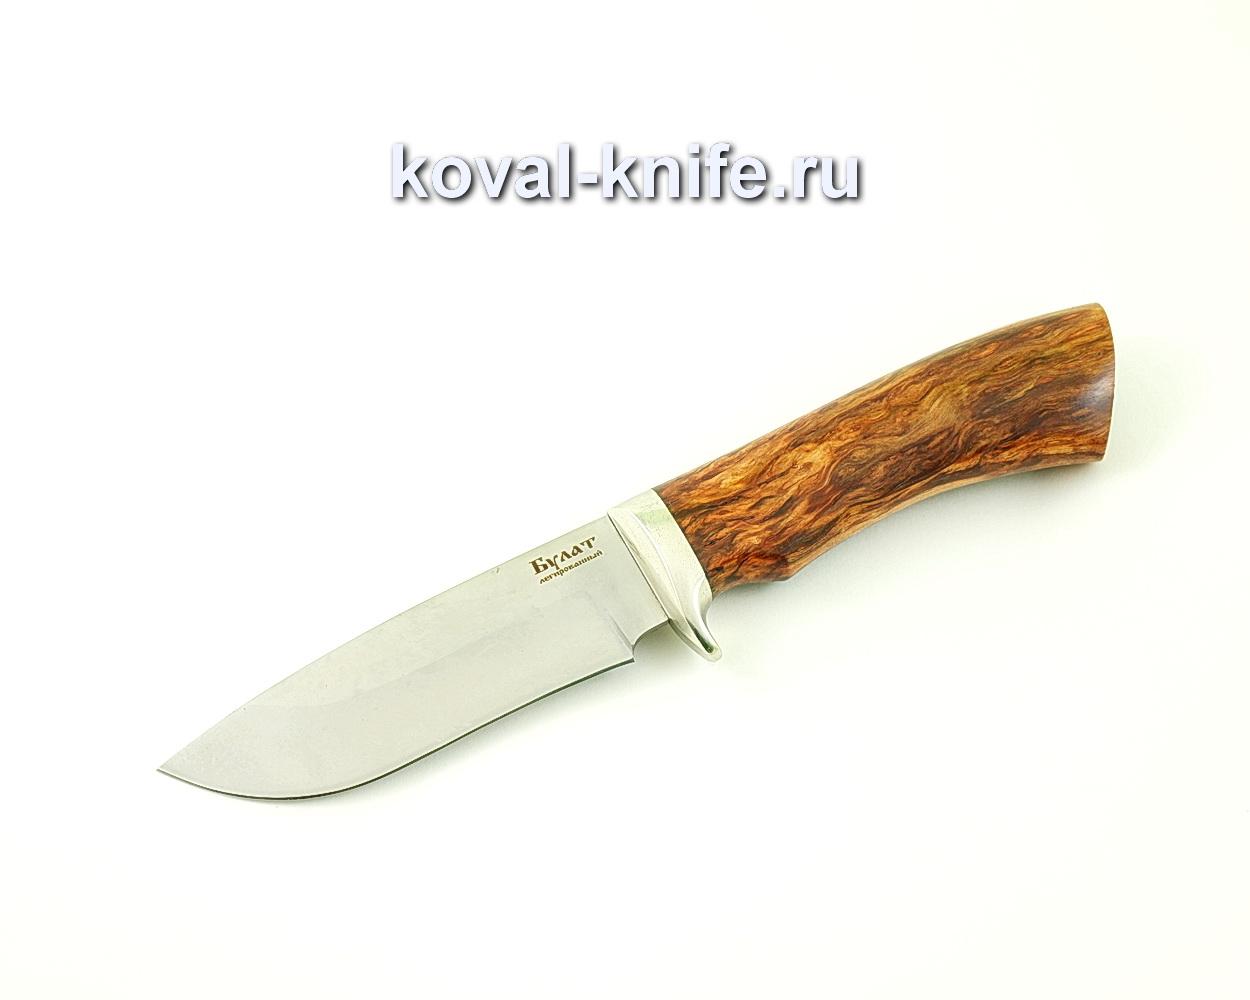 Нож из булатной стали Сапсан (Легированный булат, рукоять стабилизированная карельская береза, литье мельхиор)